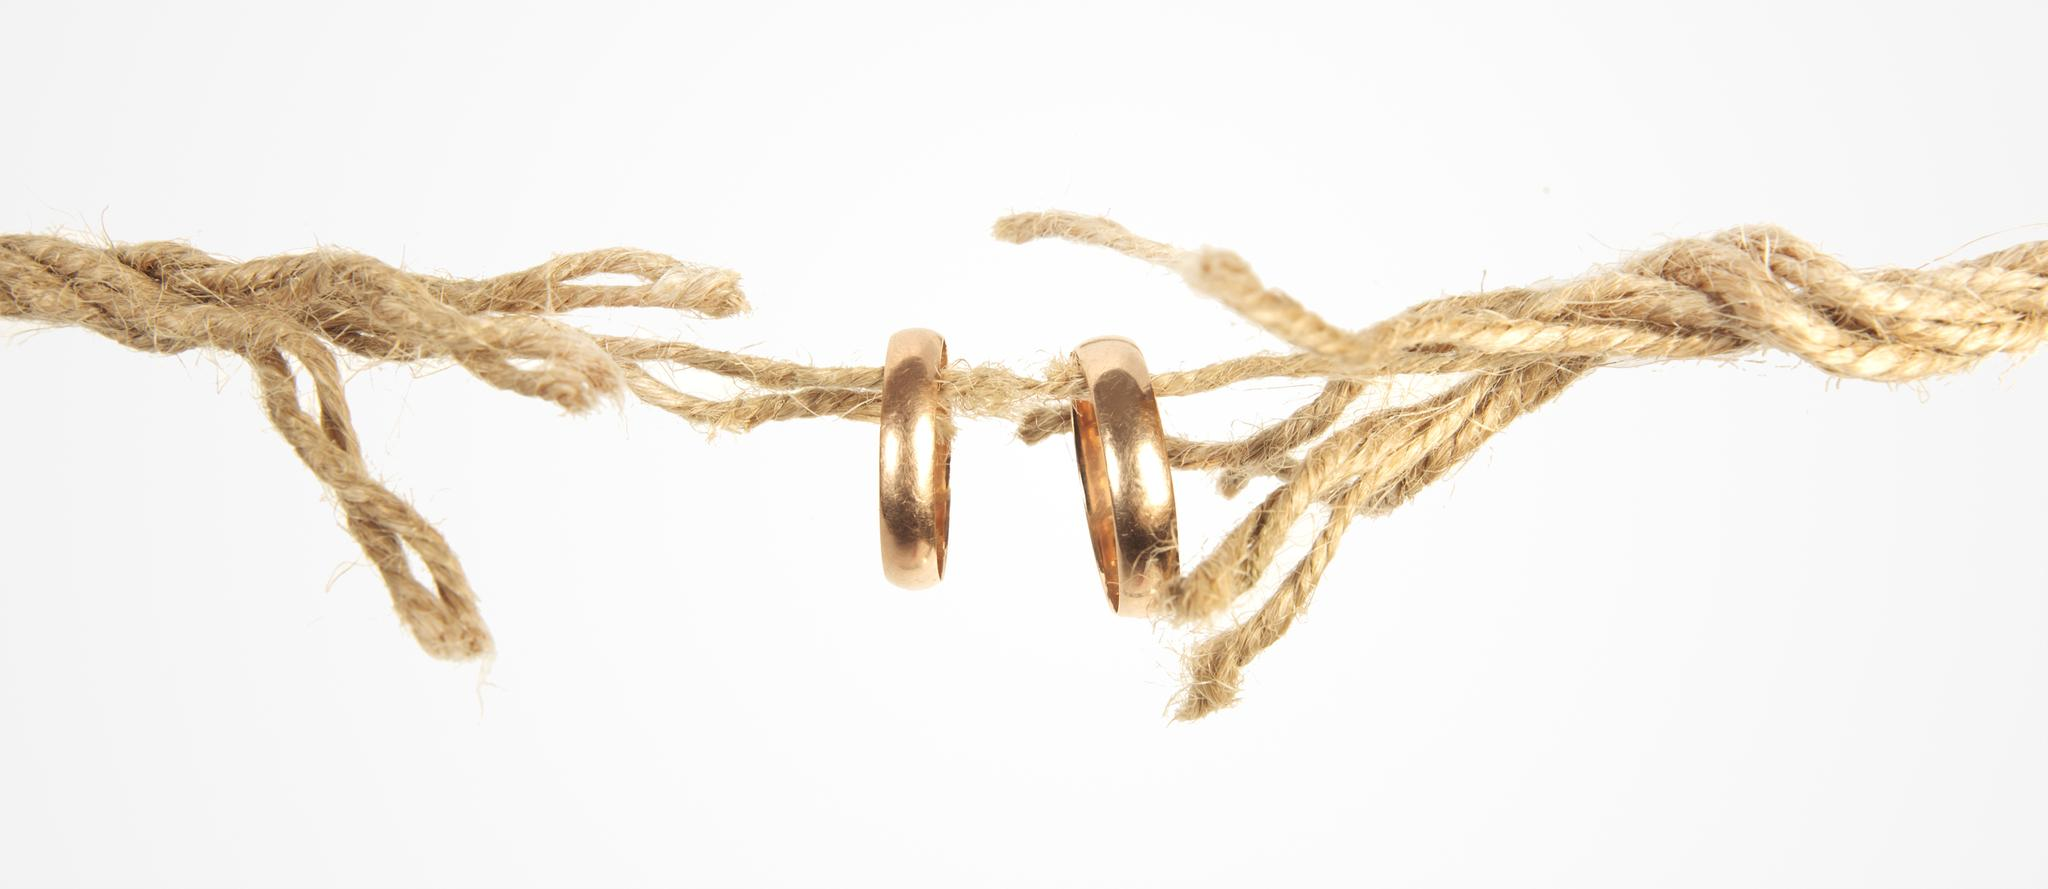 Zwei goldene Eheringe hängen an einem sich auflösenden Seil